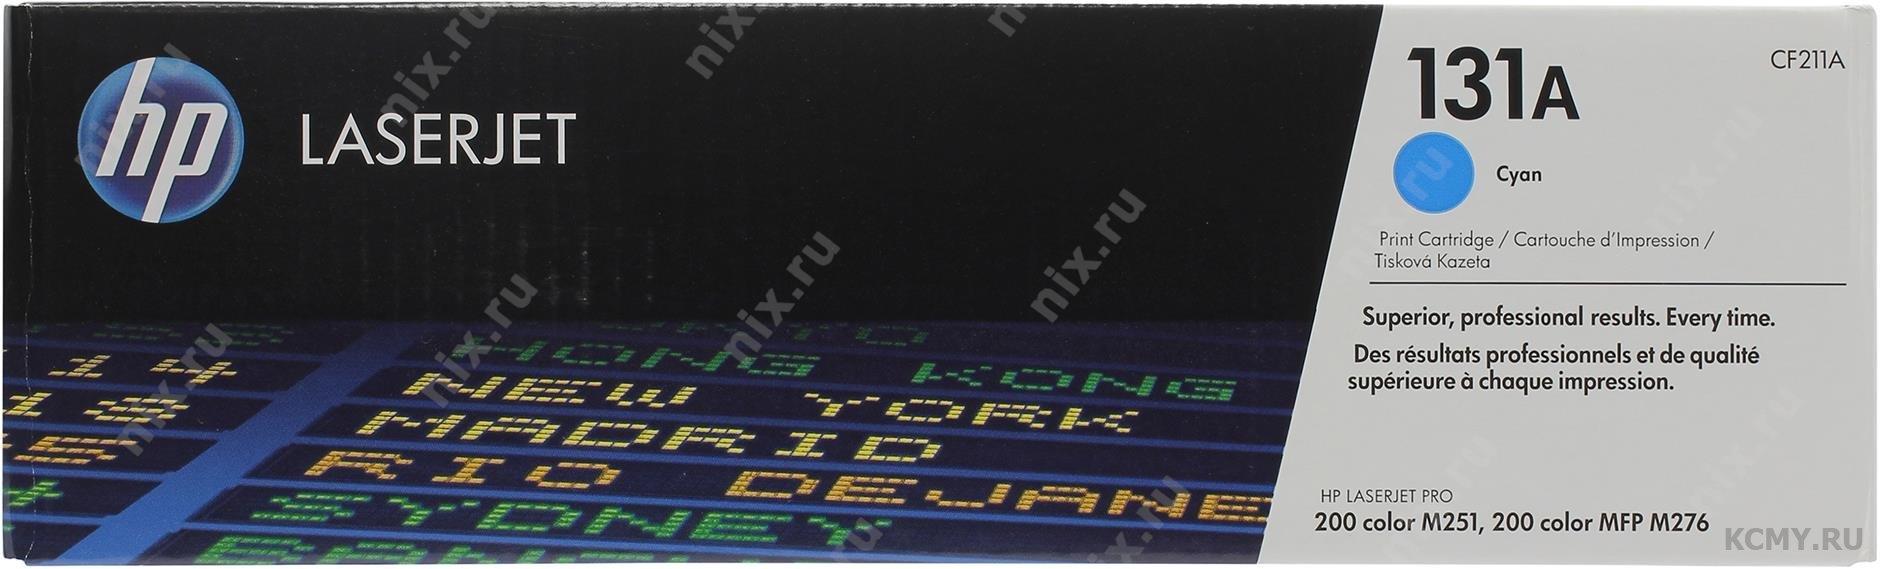 HP CF211A, HP 131A